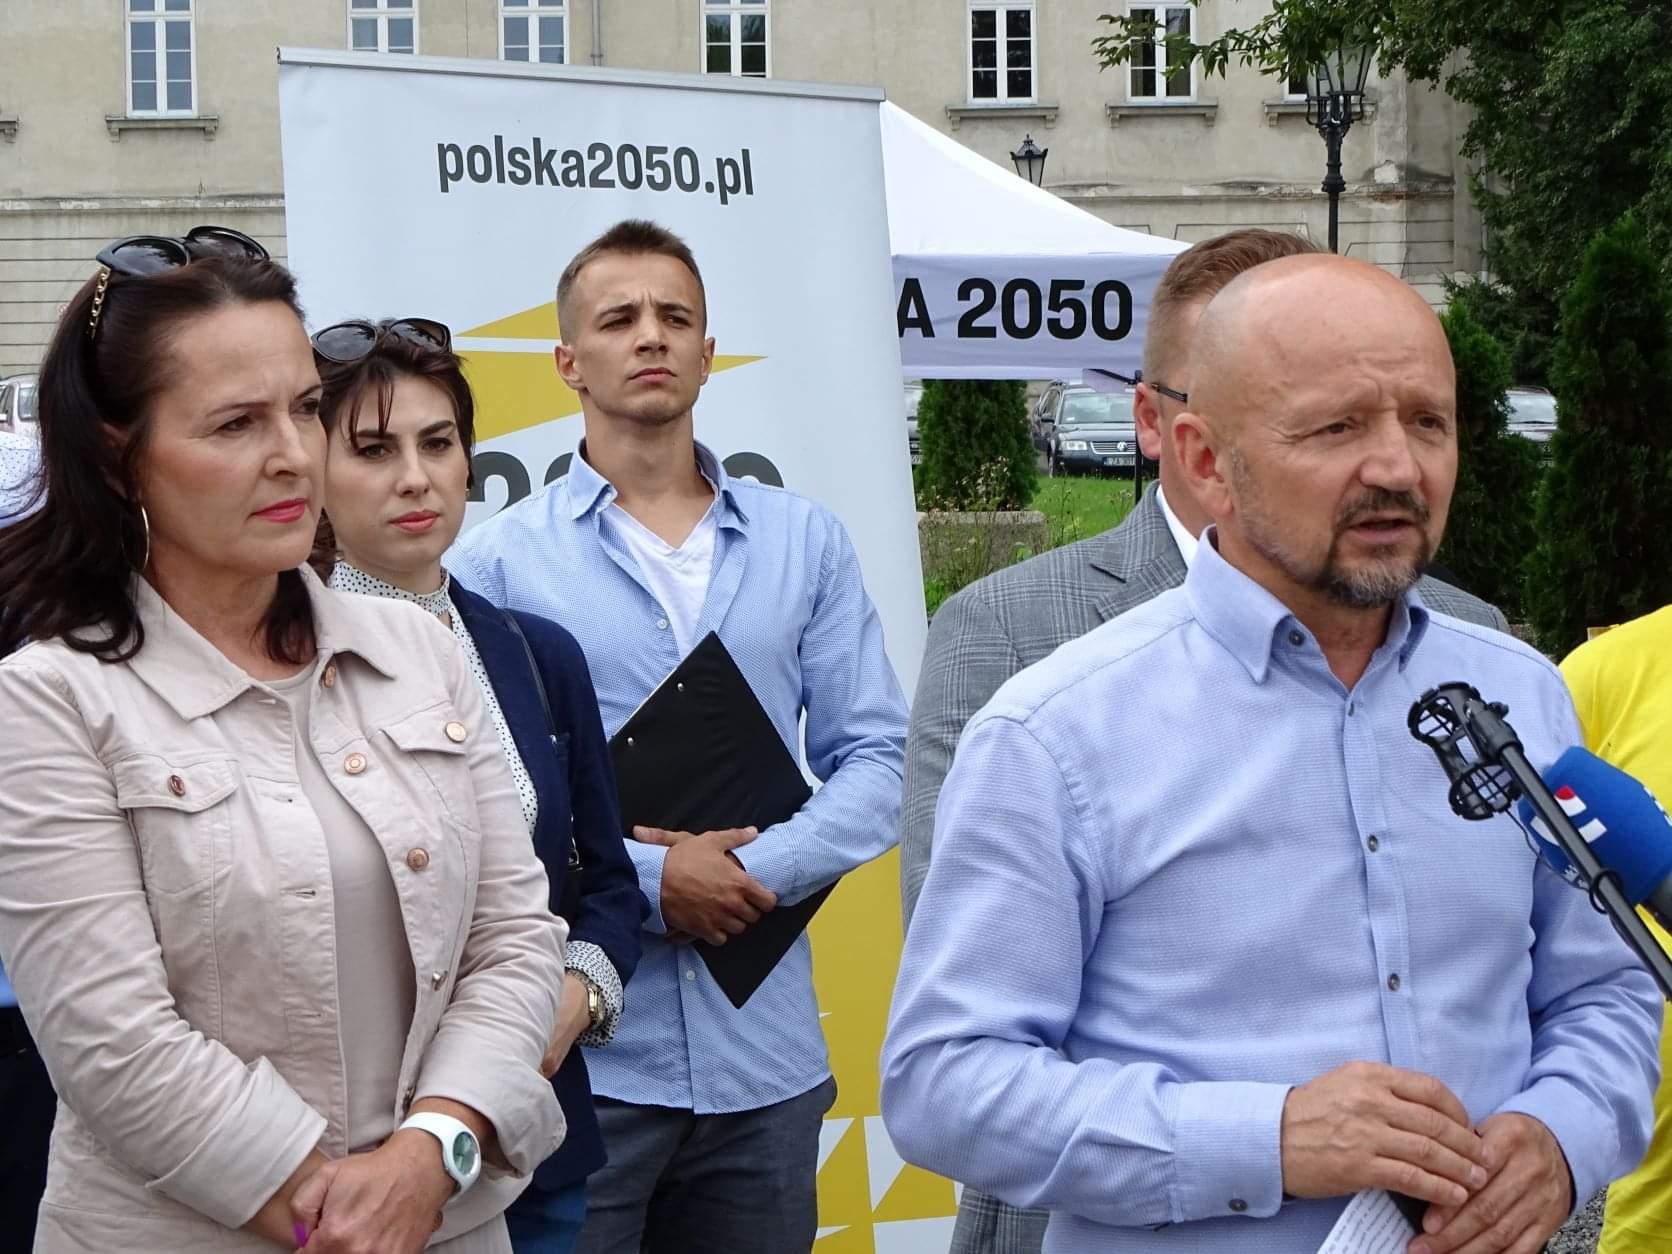 received 270562534536646 Liderzy i działacze Polski 2050 spotkali się w Zamościu. Rozmawiali m.in. o zamknięciu oddziału pediatrycznego w naszym mieście